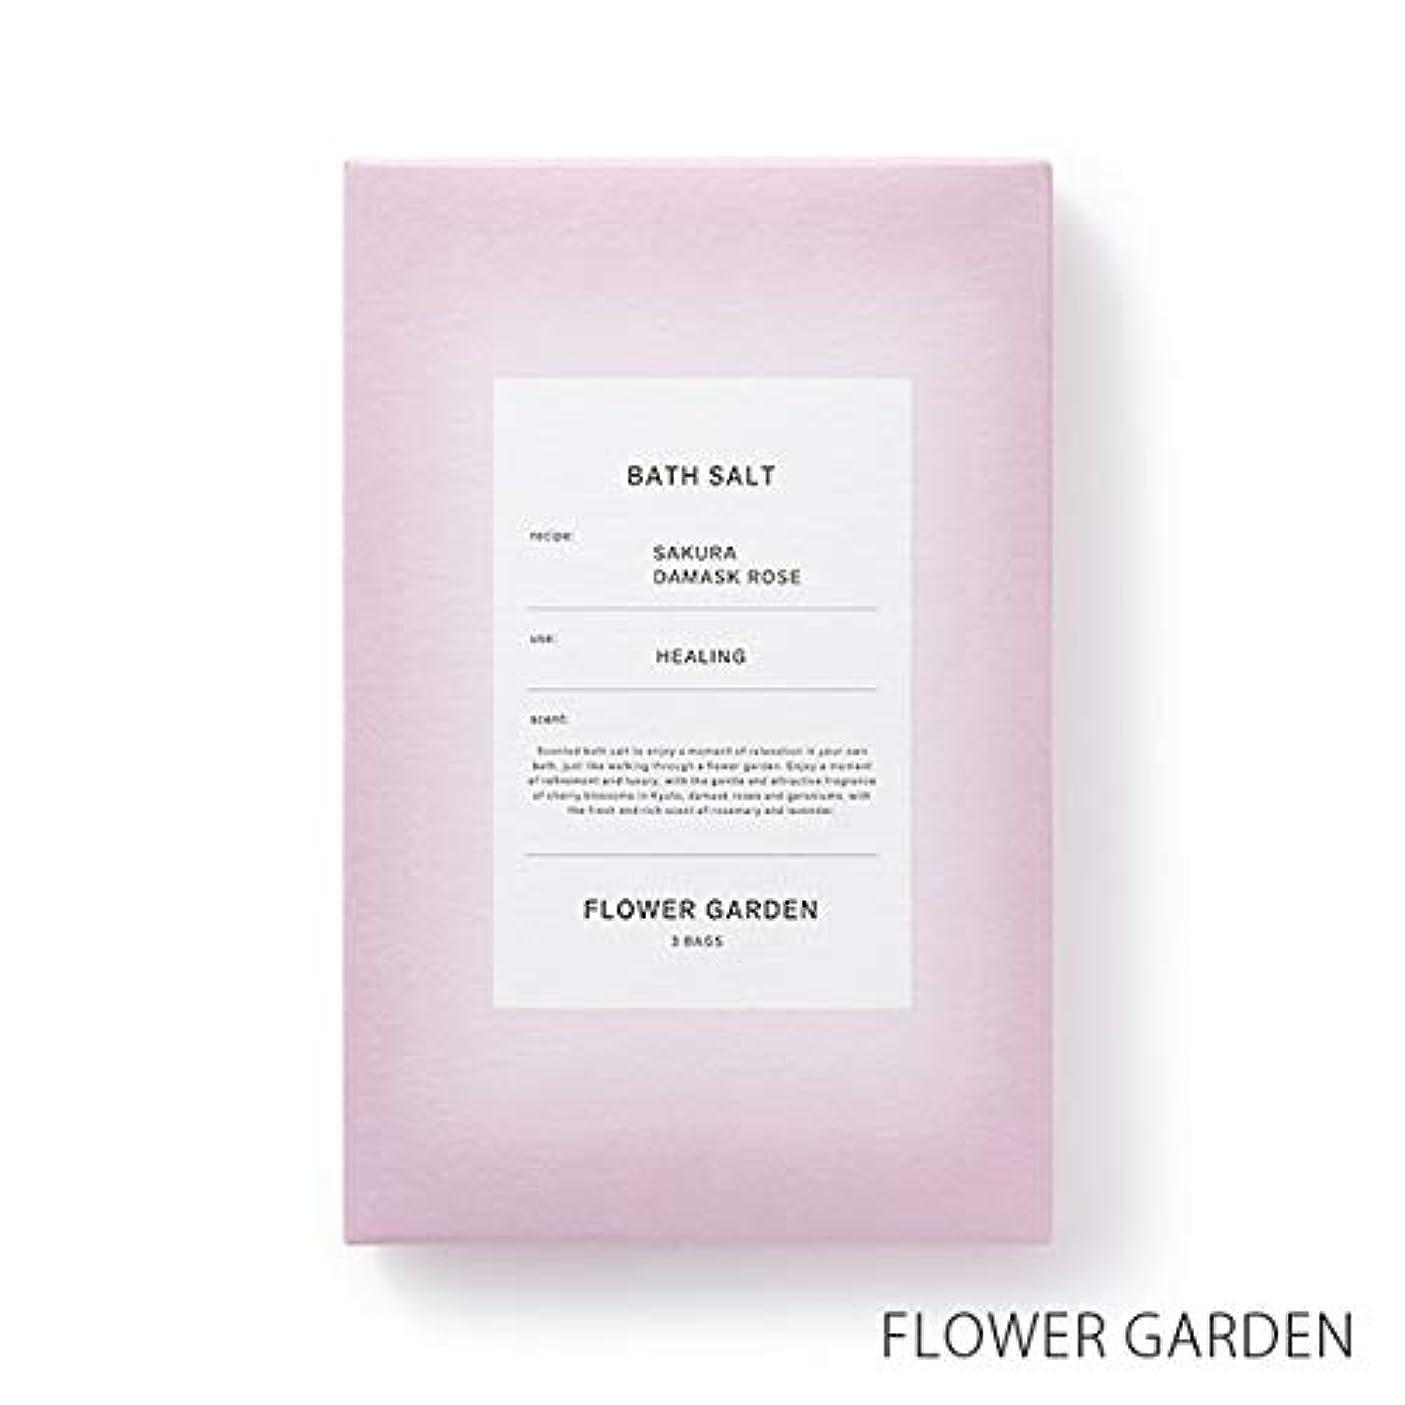 全部松明ペパーミント【薫玉堂】 バスソルト FLOWER GARDEN 花の庭 ピンク 和 桜の香り